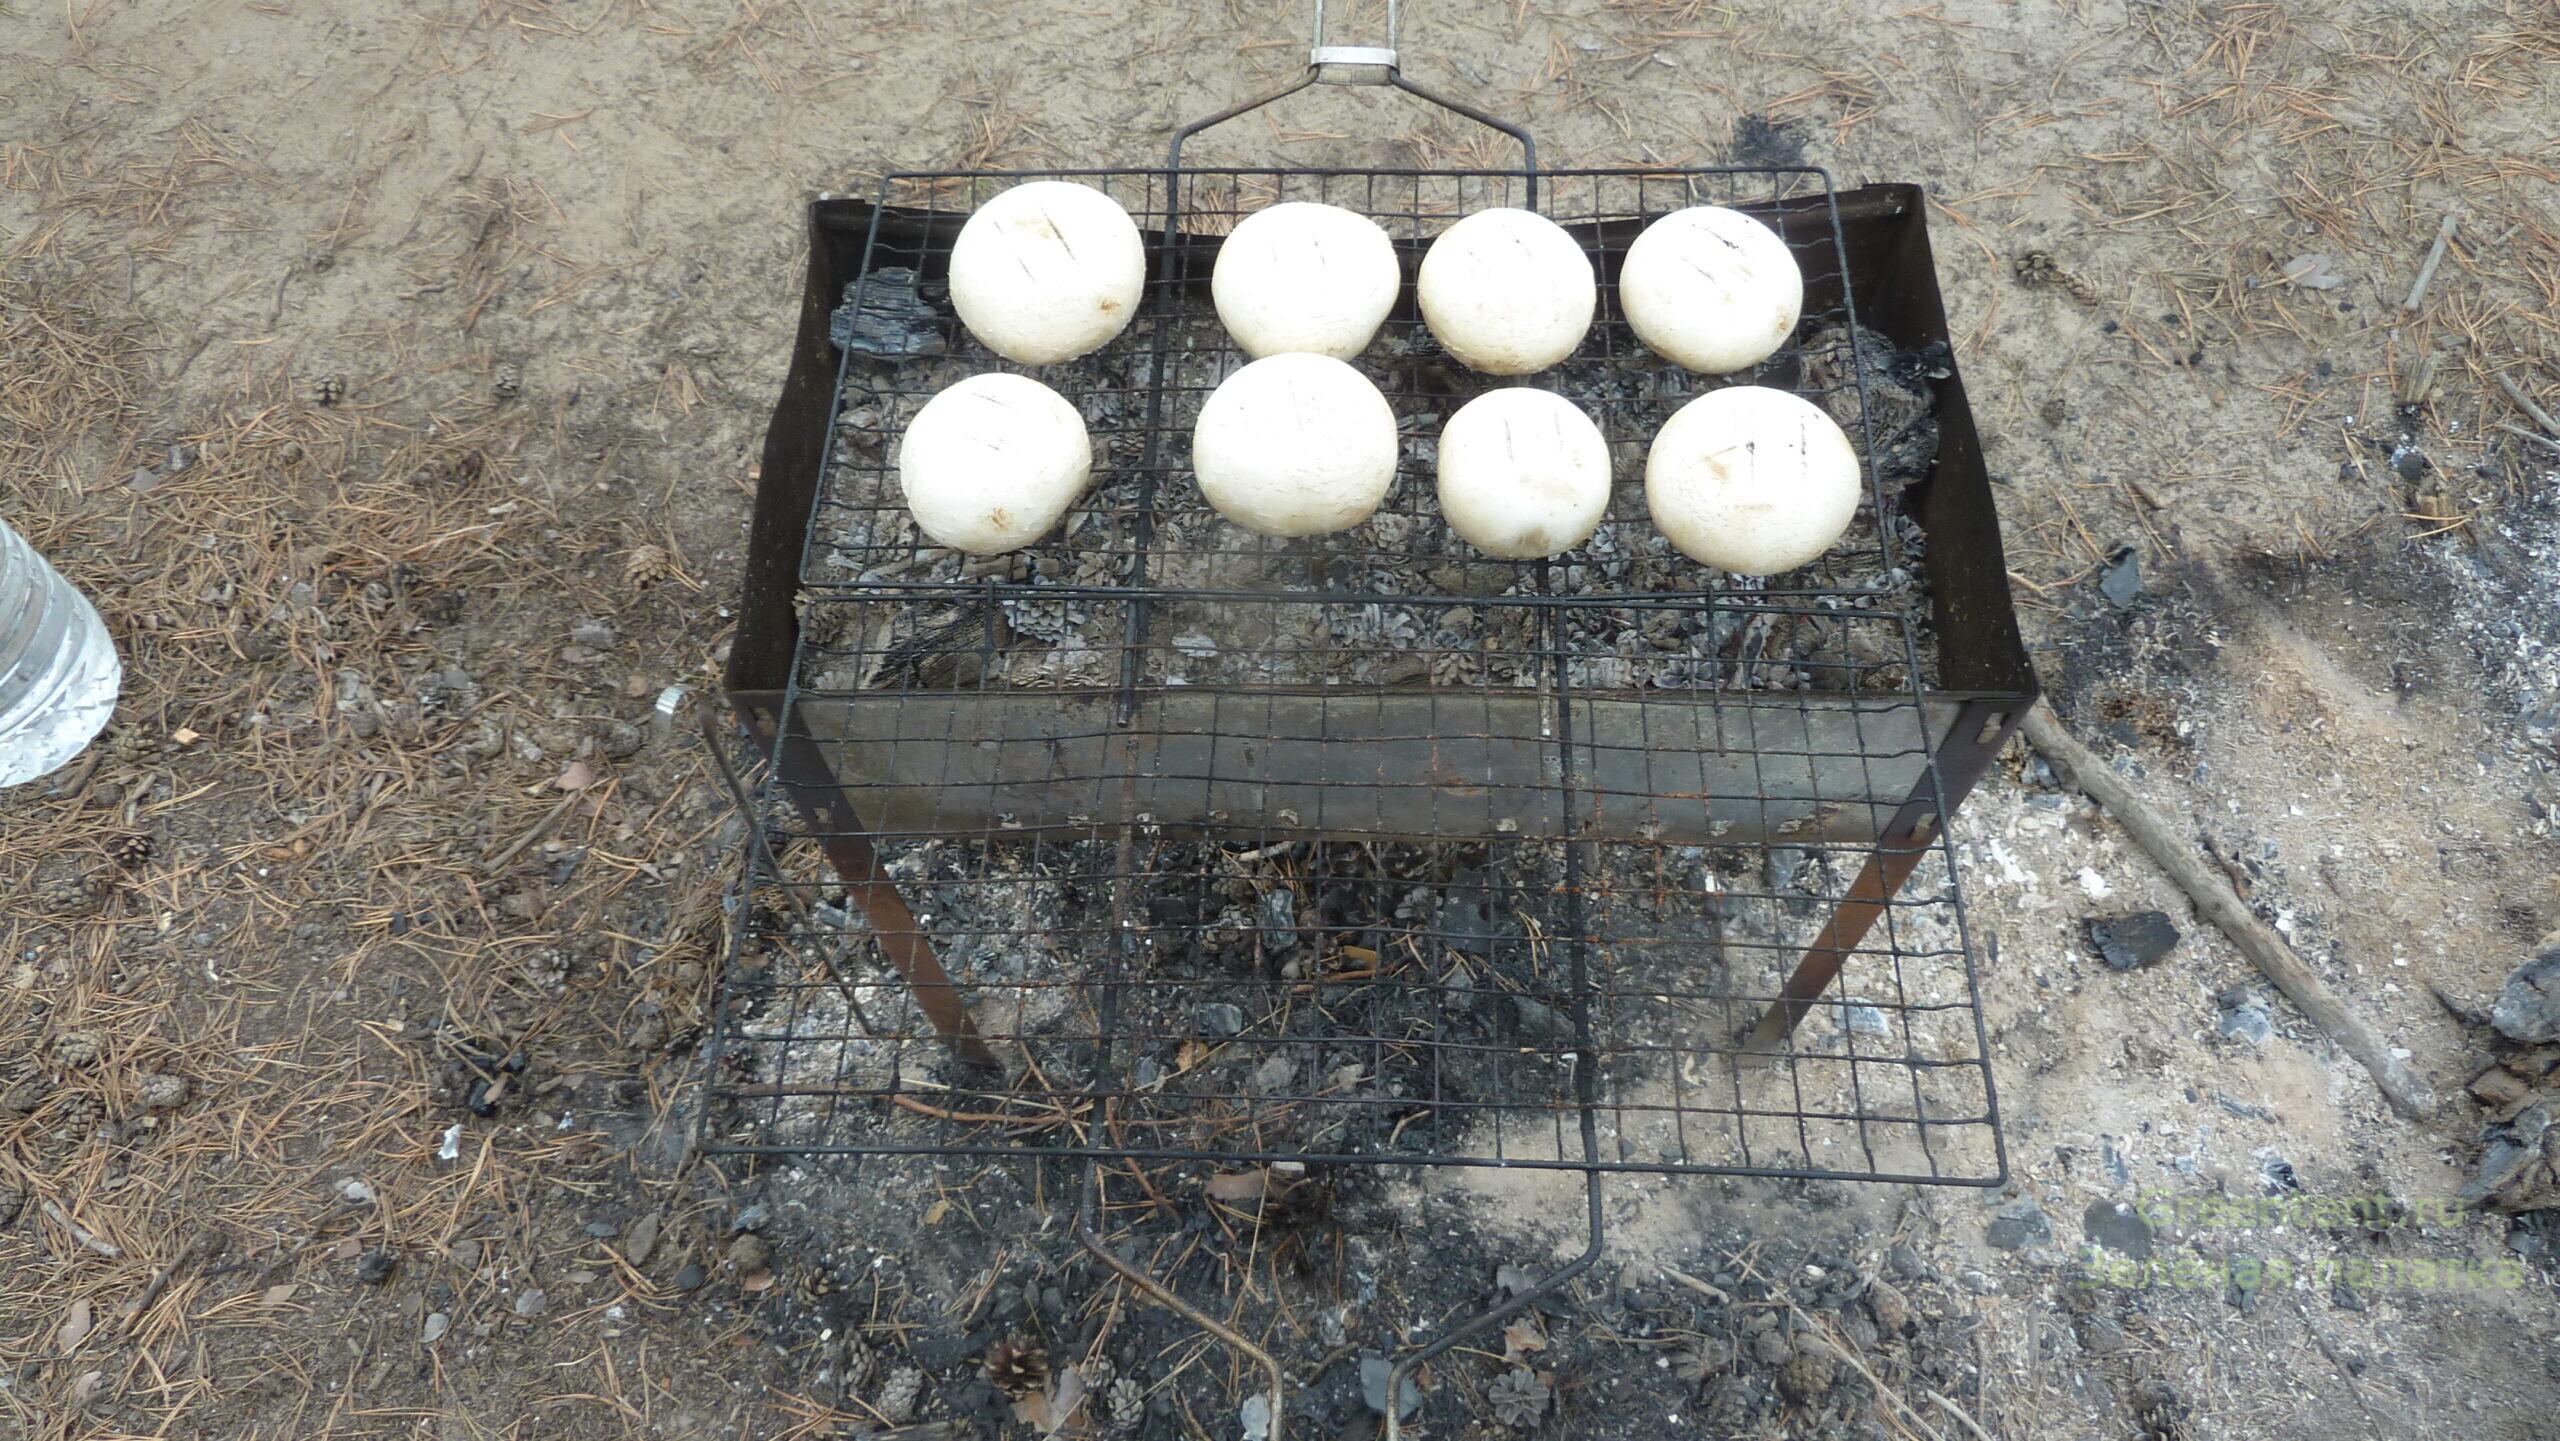 шапниньоны на костре на мангале на природе одтдых дикарями еда рецепт